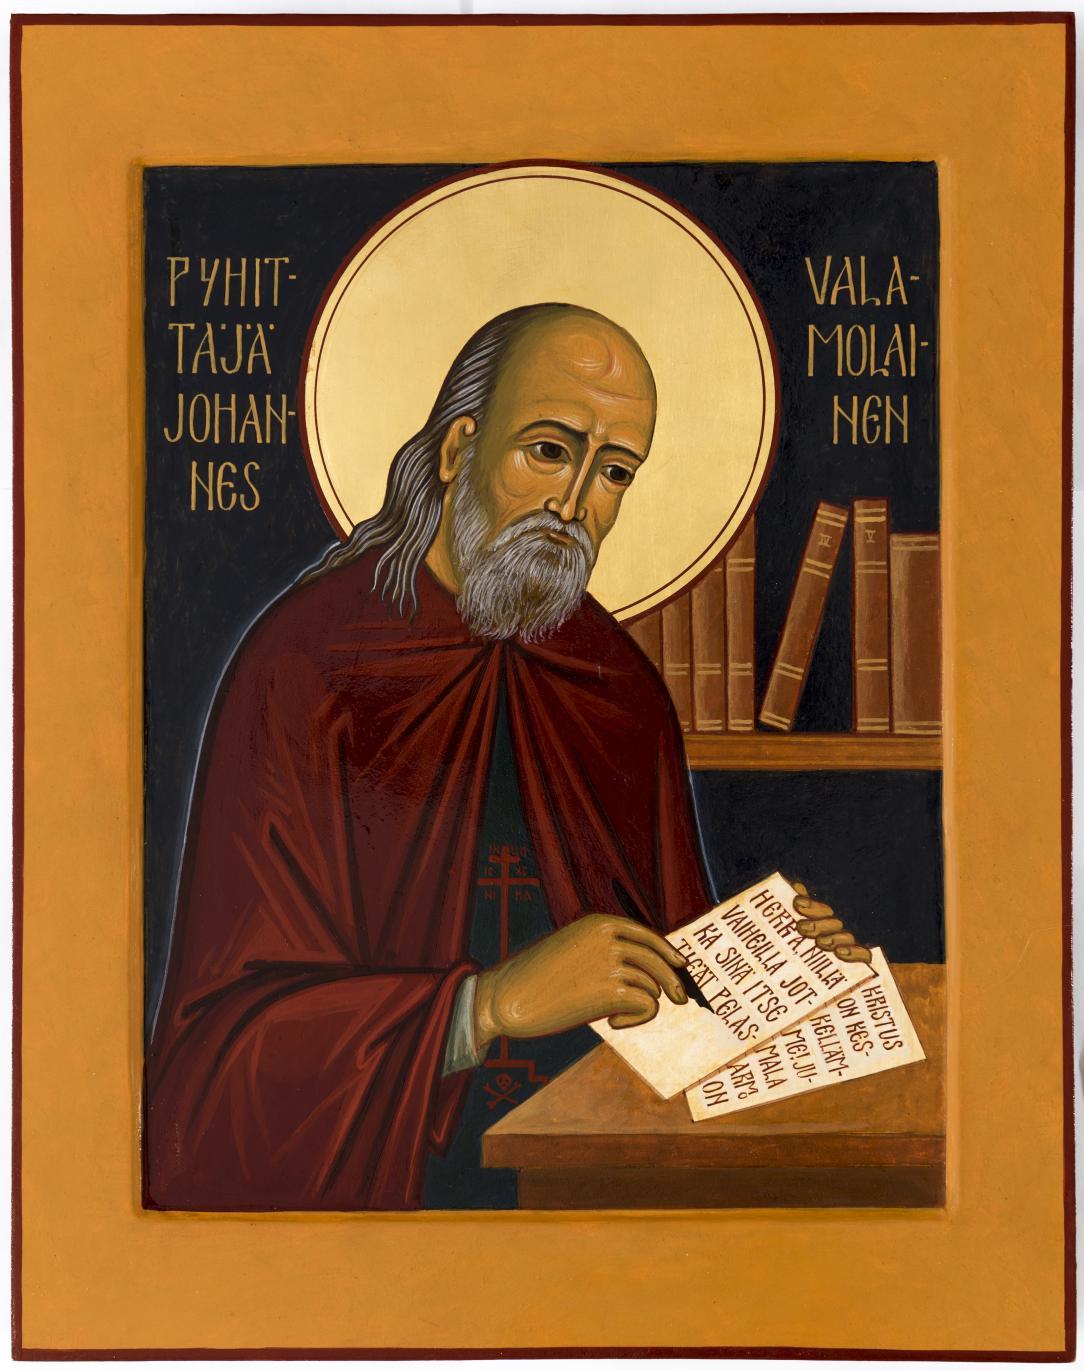 Икона преподобного Иоанна, написанная в Ново-Валаамском монастыре к его канонизации (по клику откроется в полном размере)